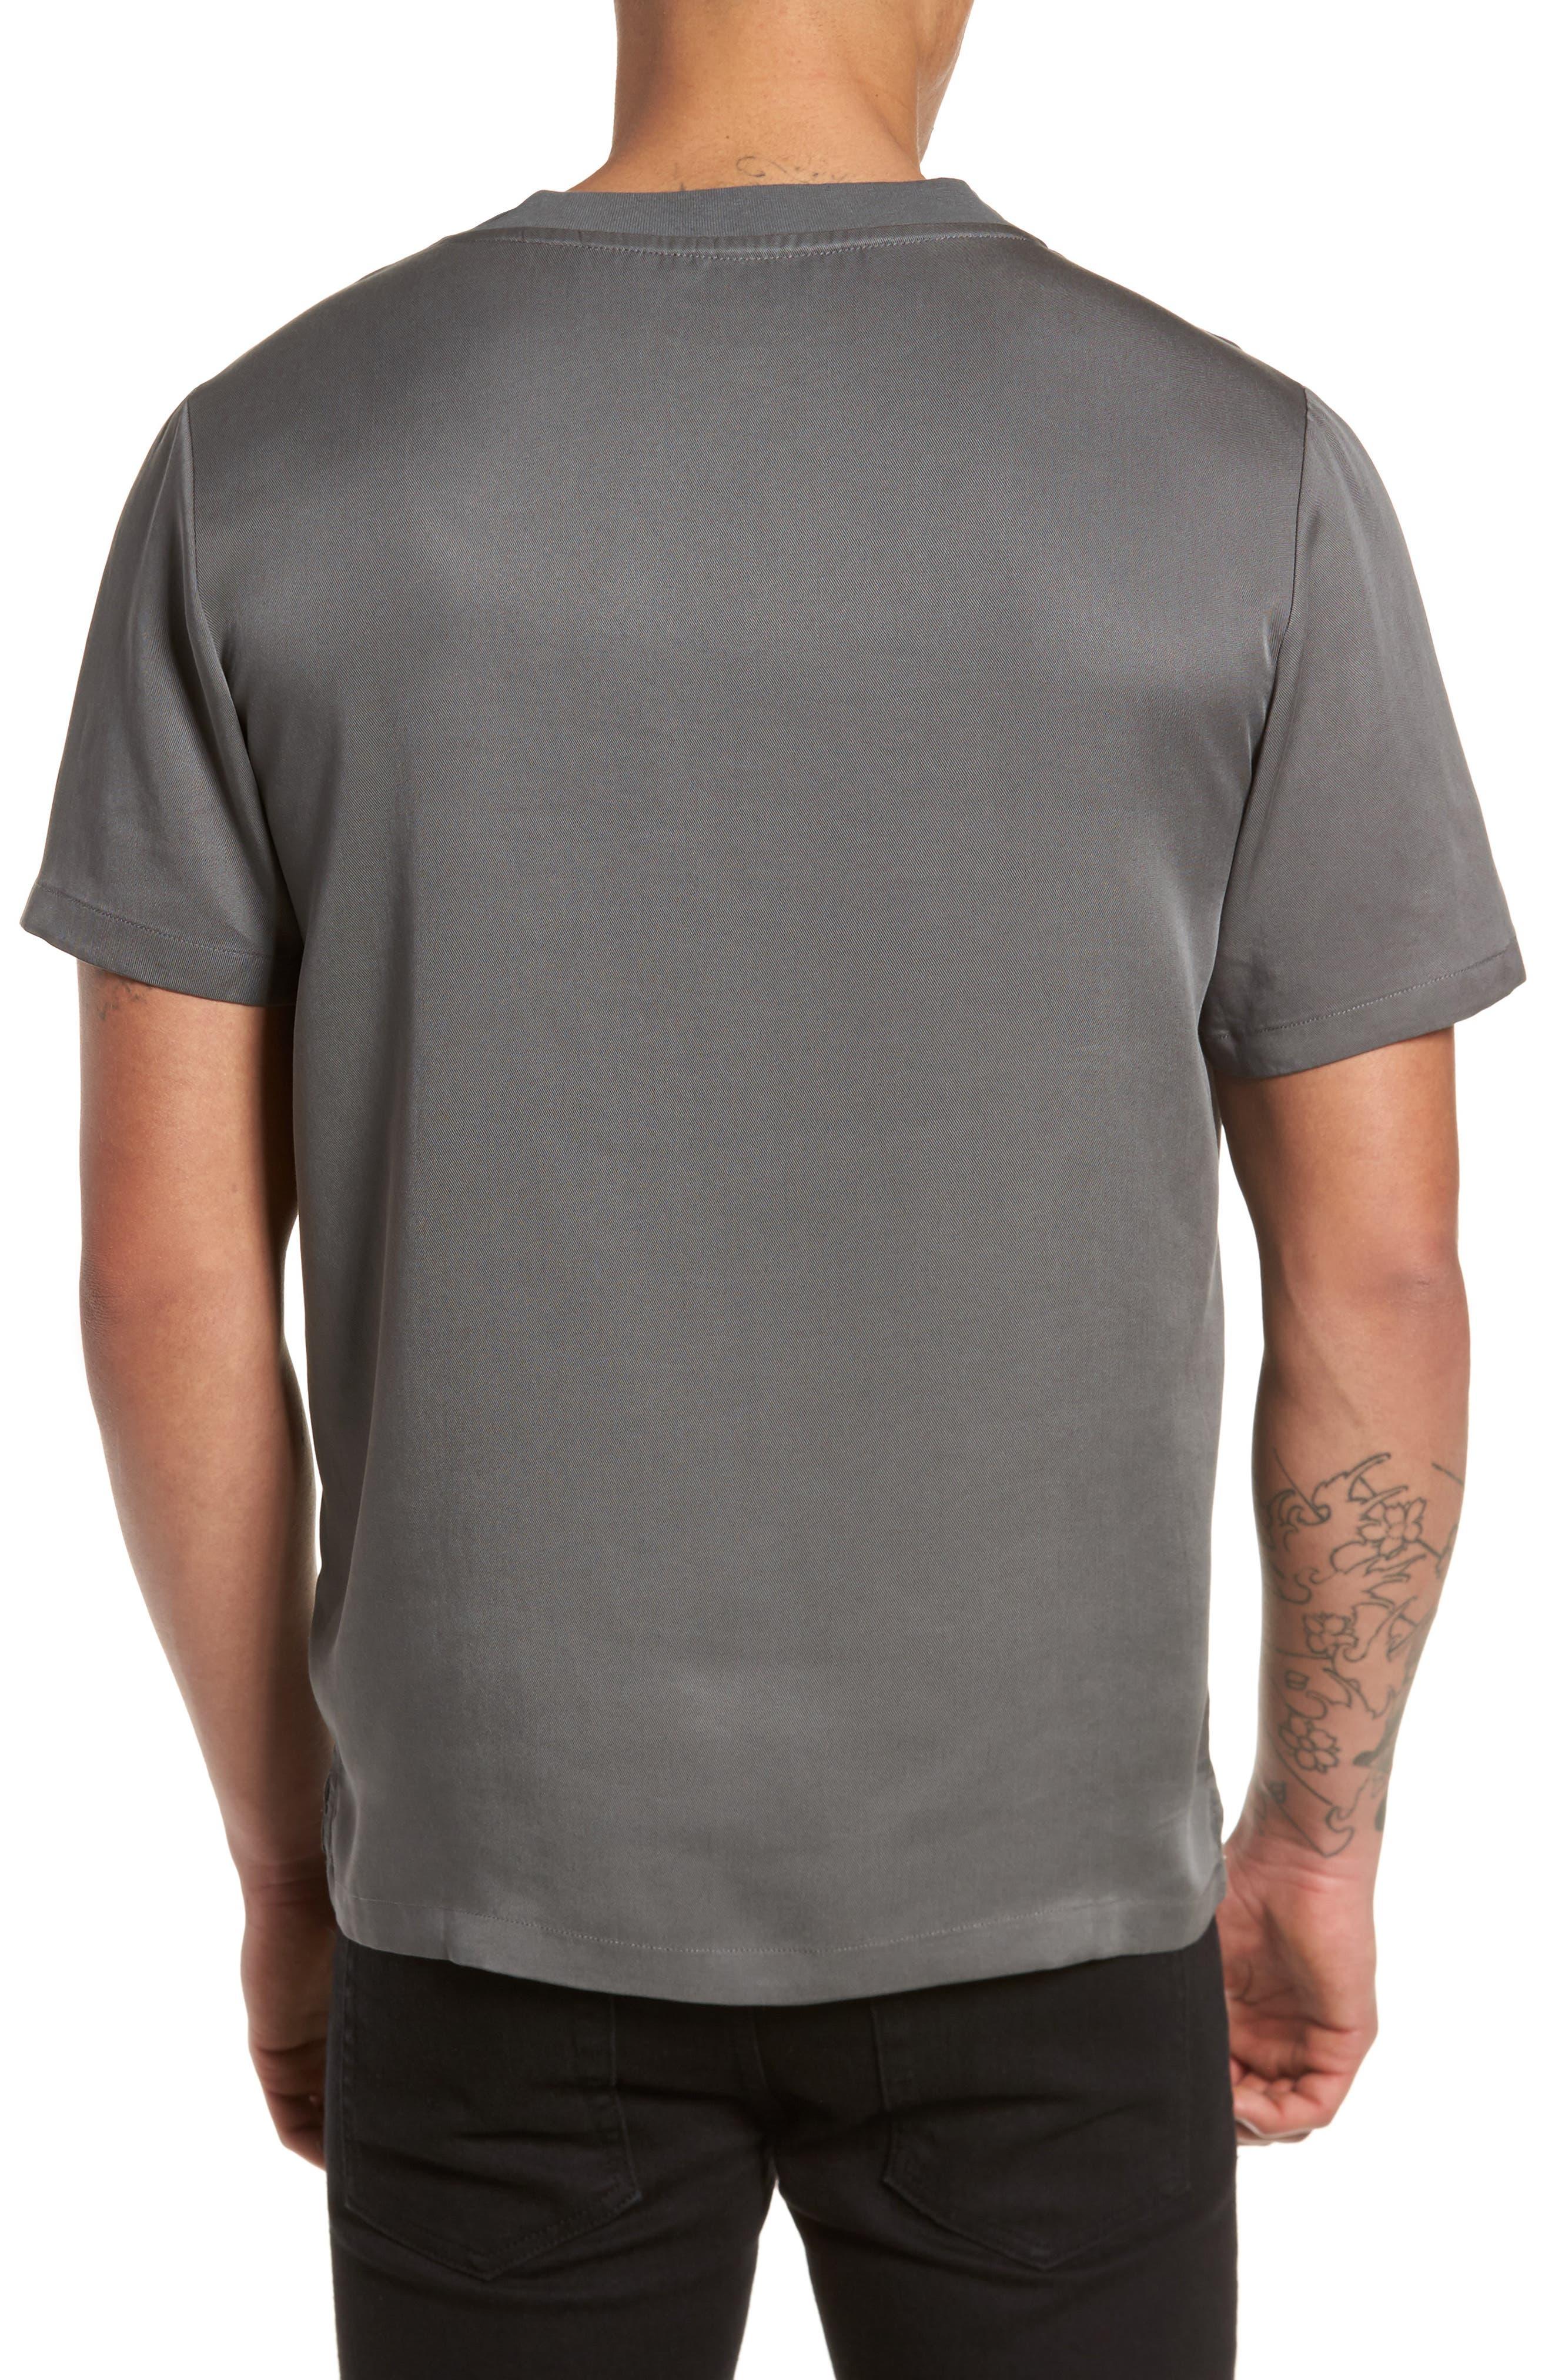 Denali Woven T-Shirt,                             Alternate thumbnail 2, color,                             020